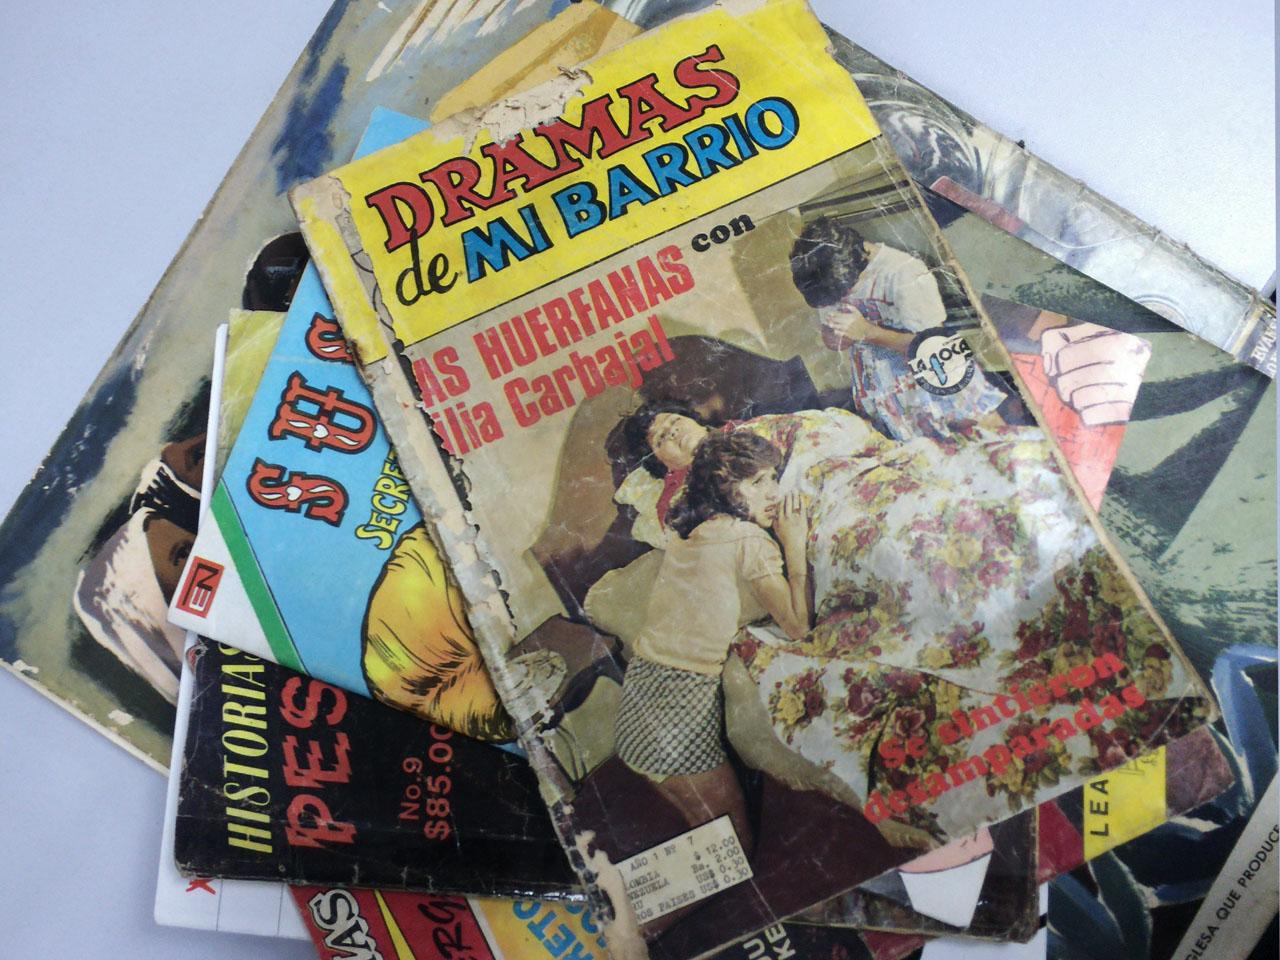 """""""Dramas de mi Barrio"""" de editorial """"La foca"""" es una fotonovela que retrata situaciones dramáticas, un poco exageradas."""